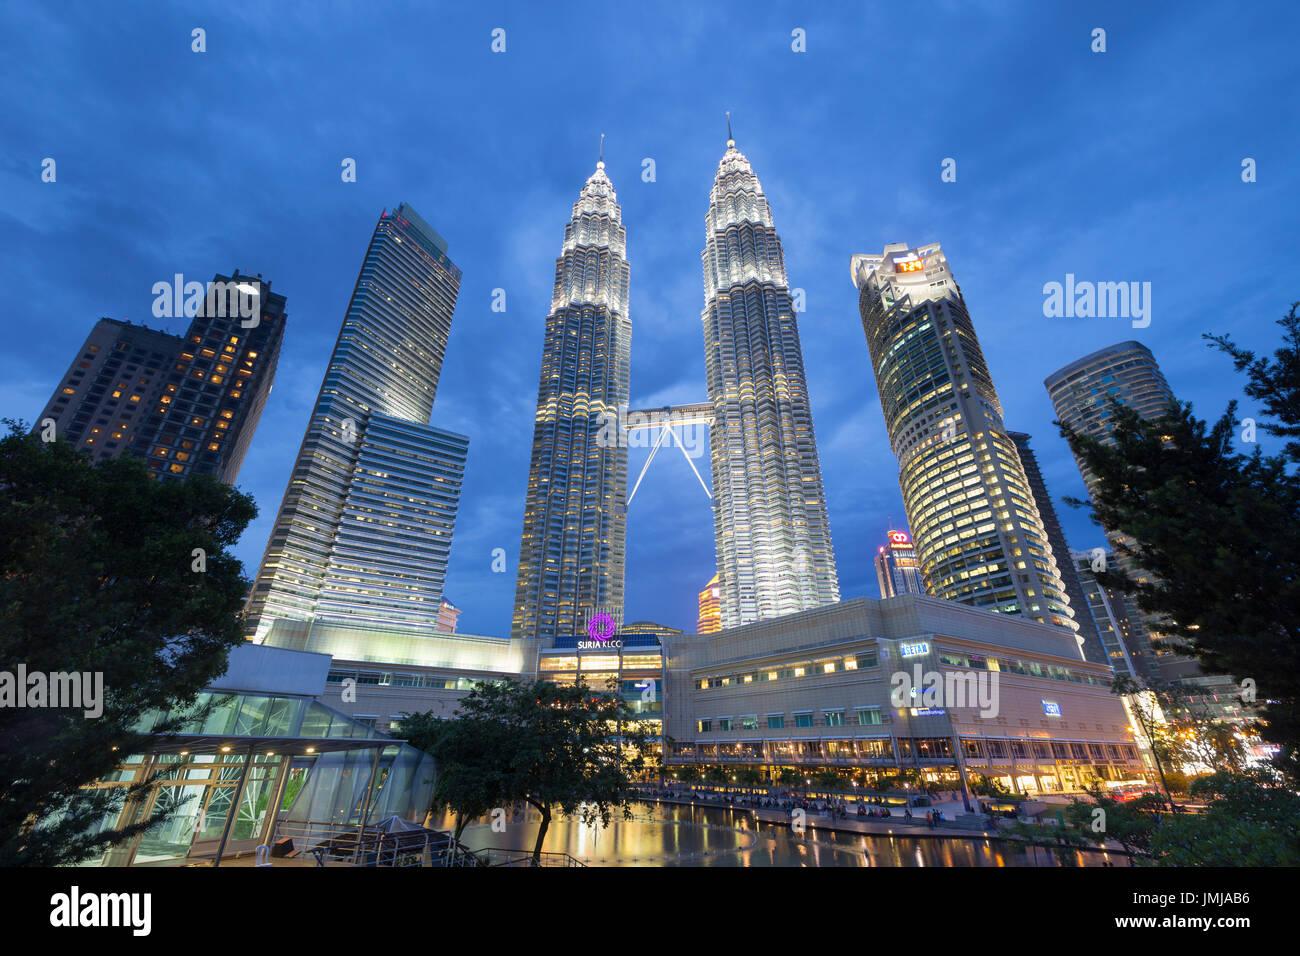 Petronas Twin Towers al crepuscolo, Kuala Lumpur, Malesia Immagini Stock